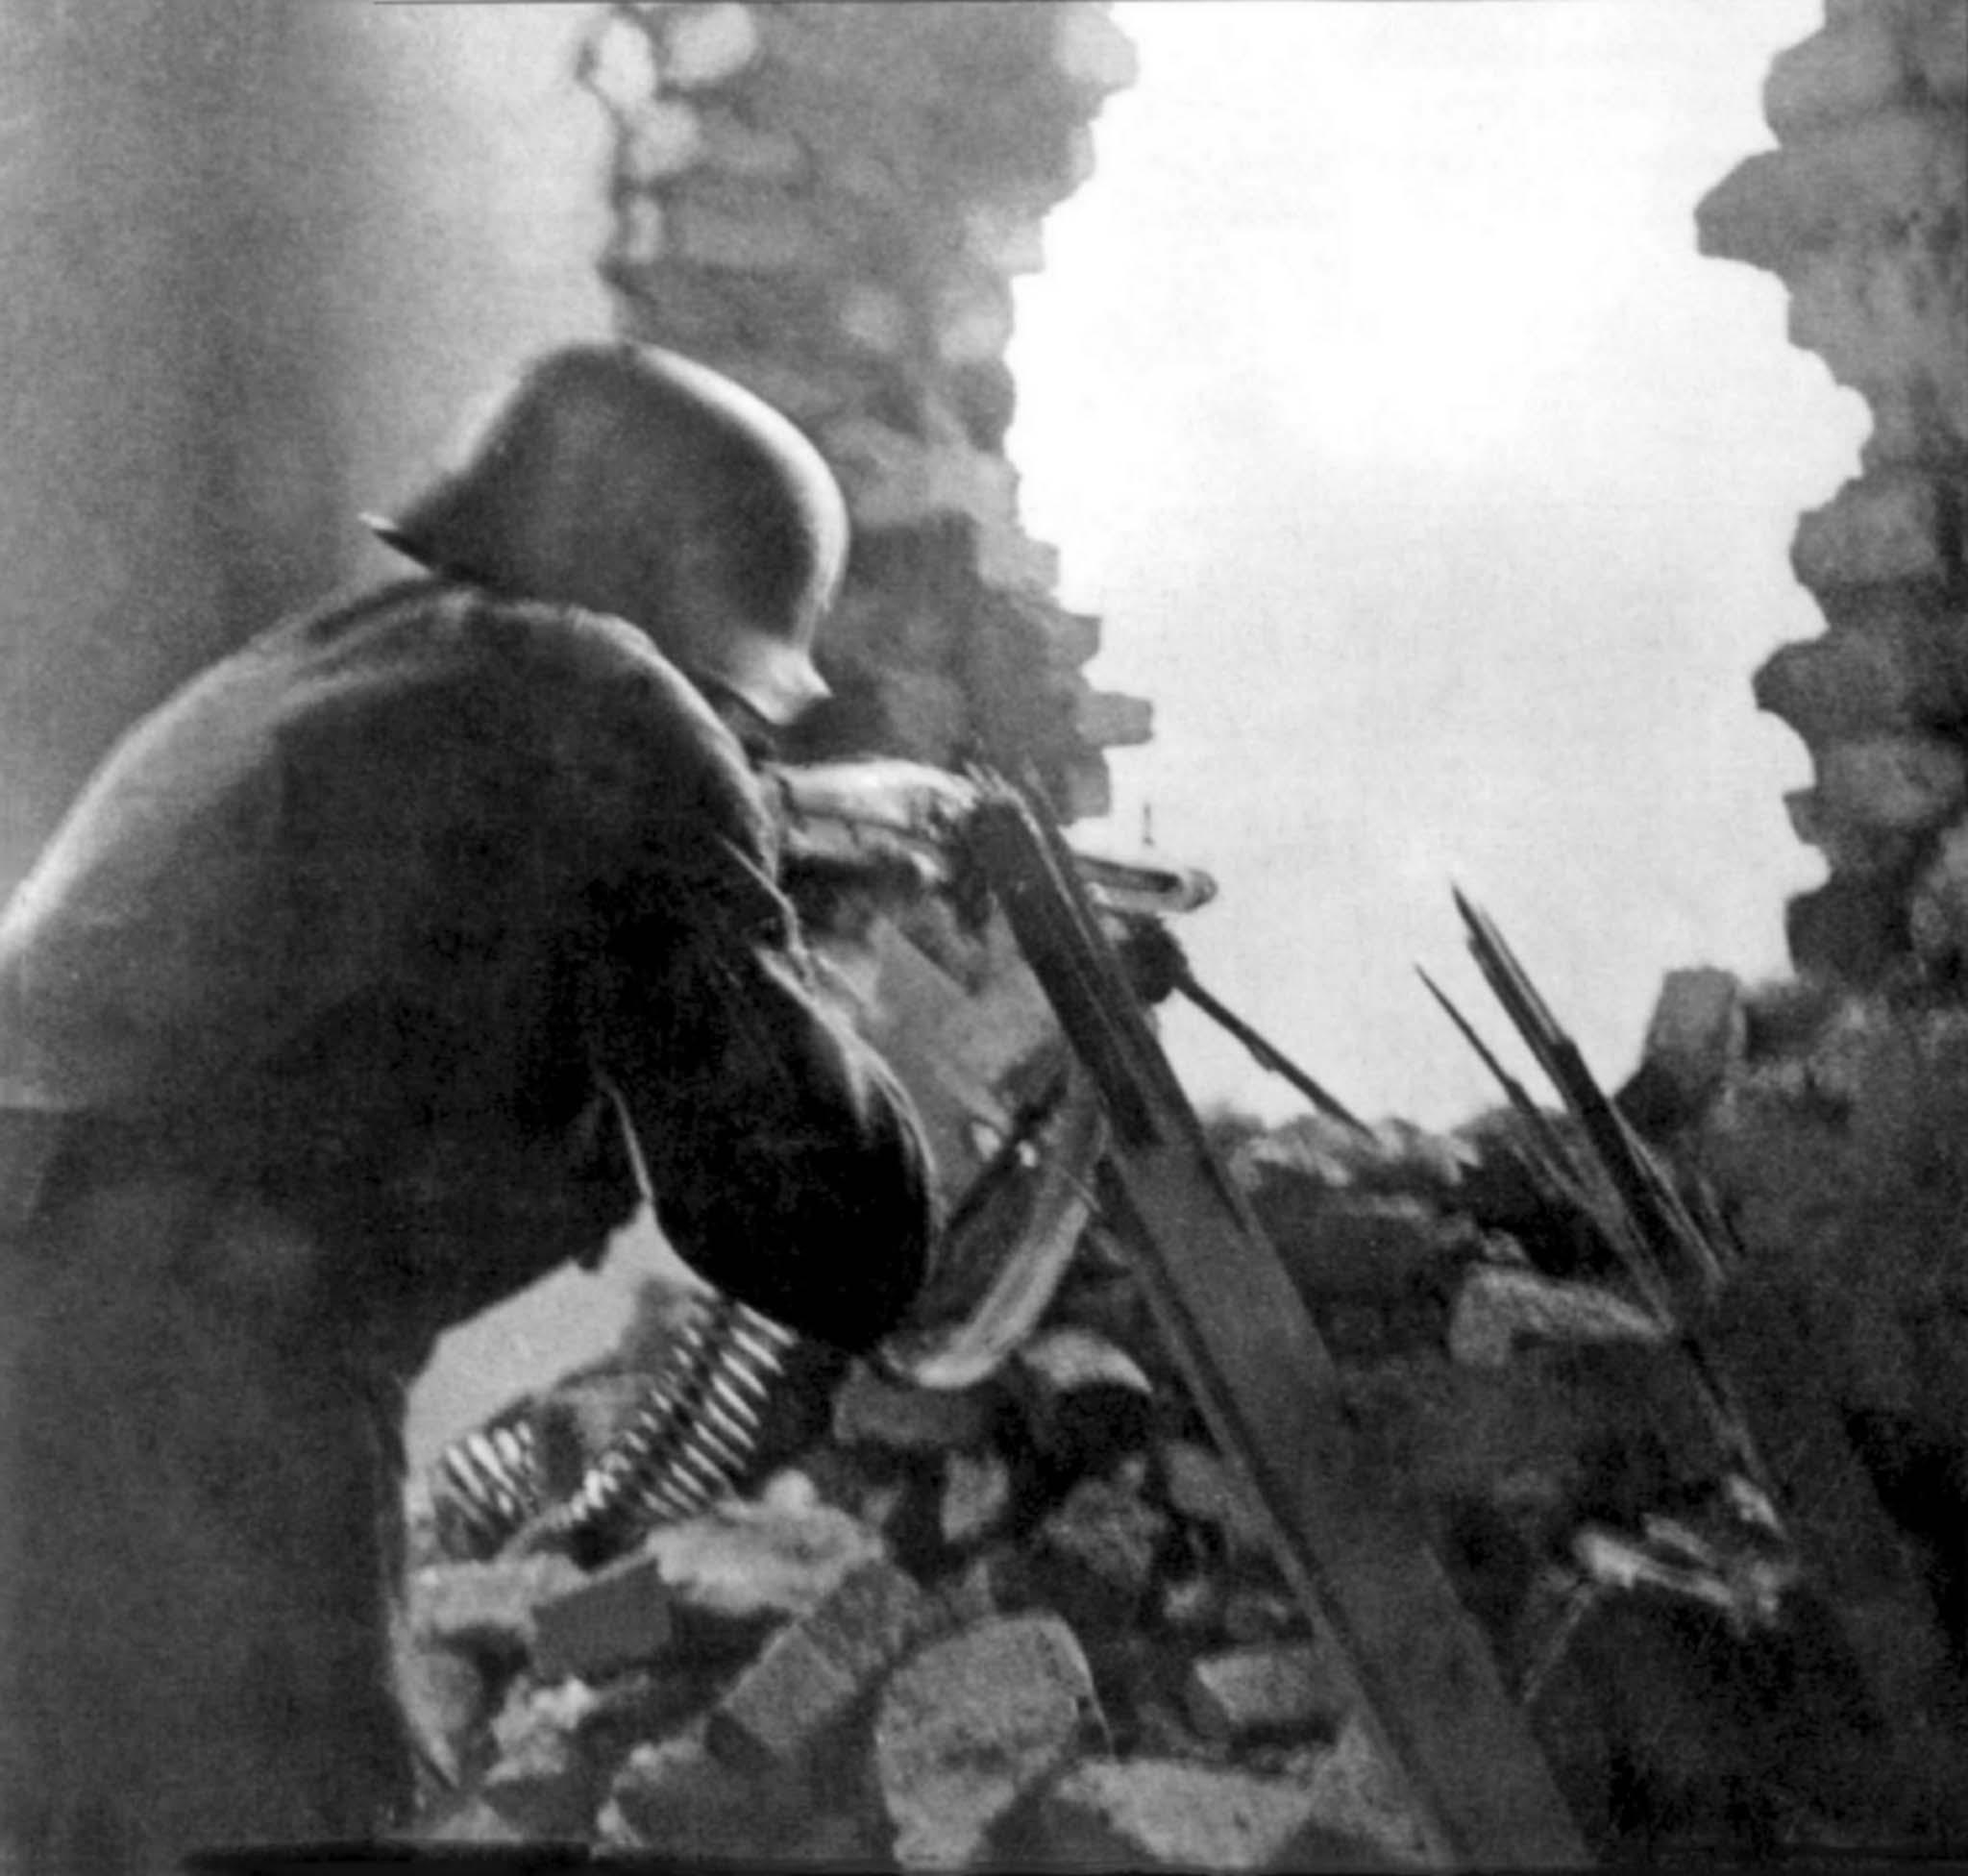 MG.42-gunner